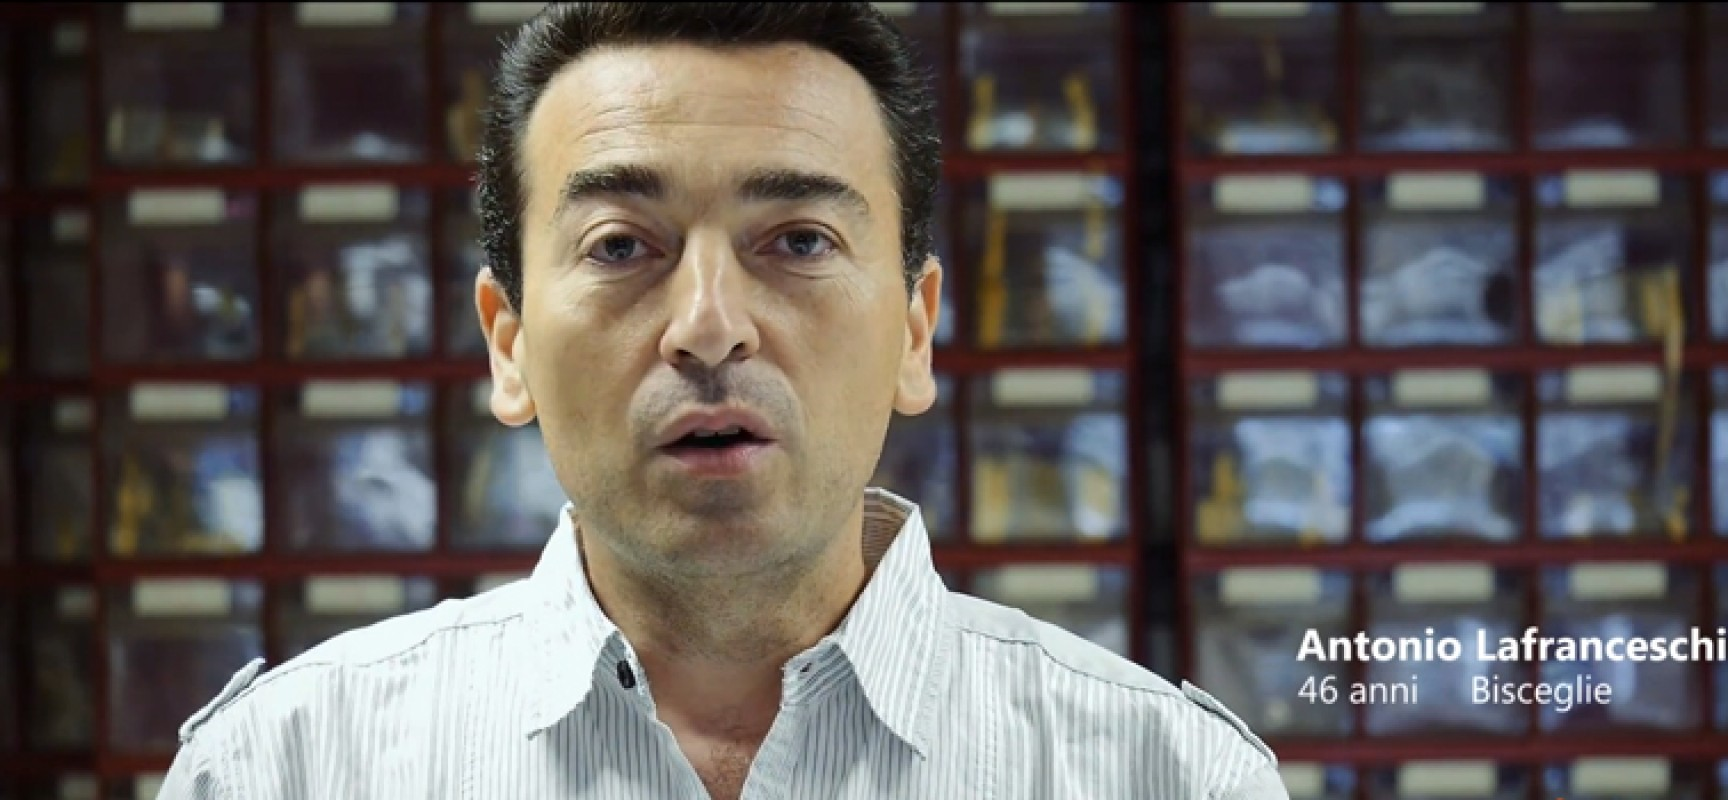 Unione Calcio e Bellavitainpuglia organizzano il quadrangolare della solidarietà per Antonio Lafranceschina